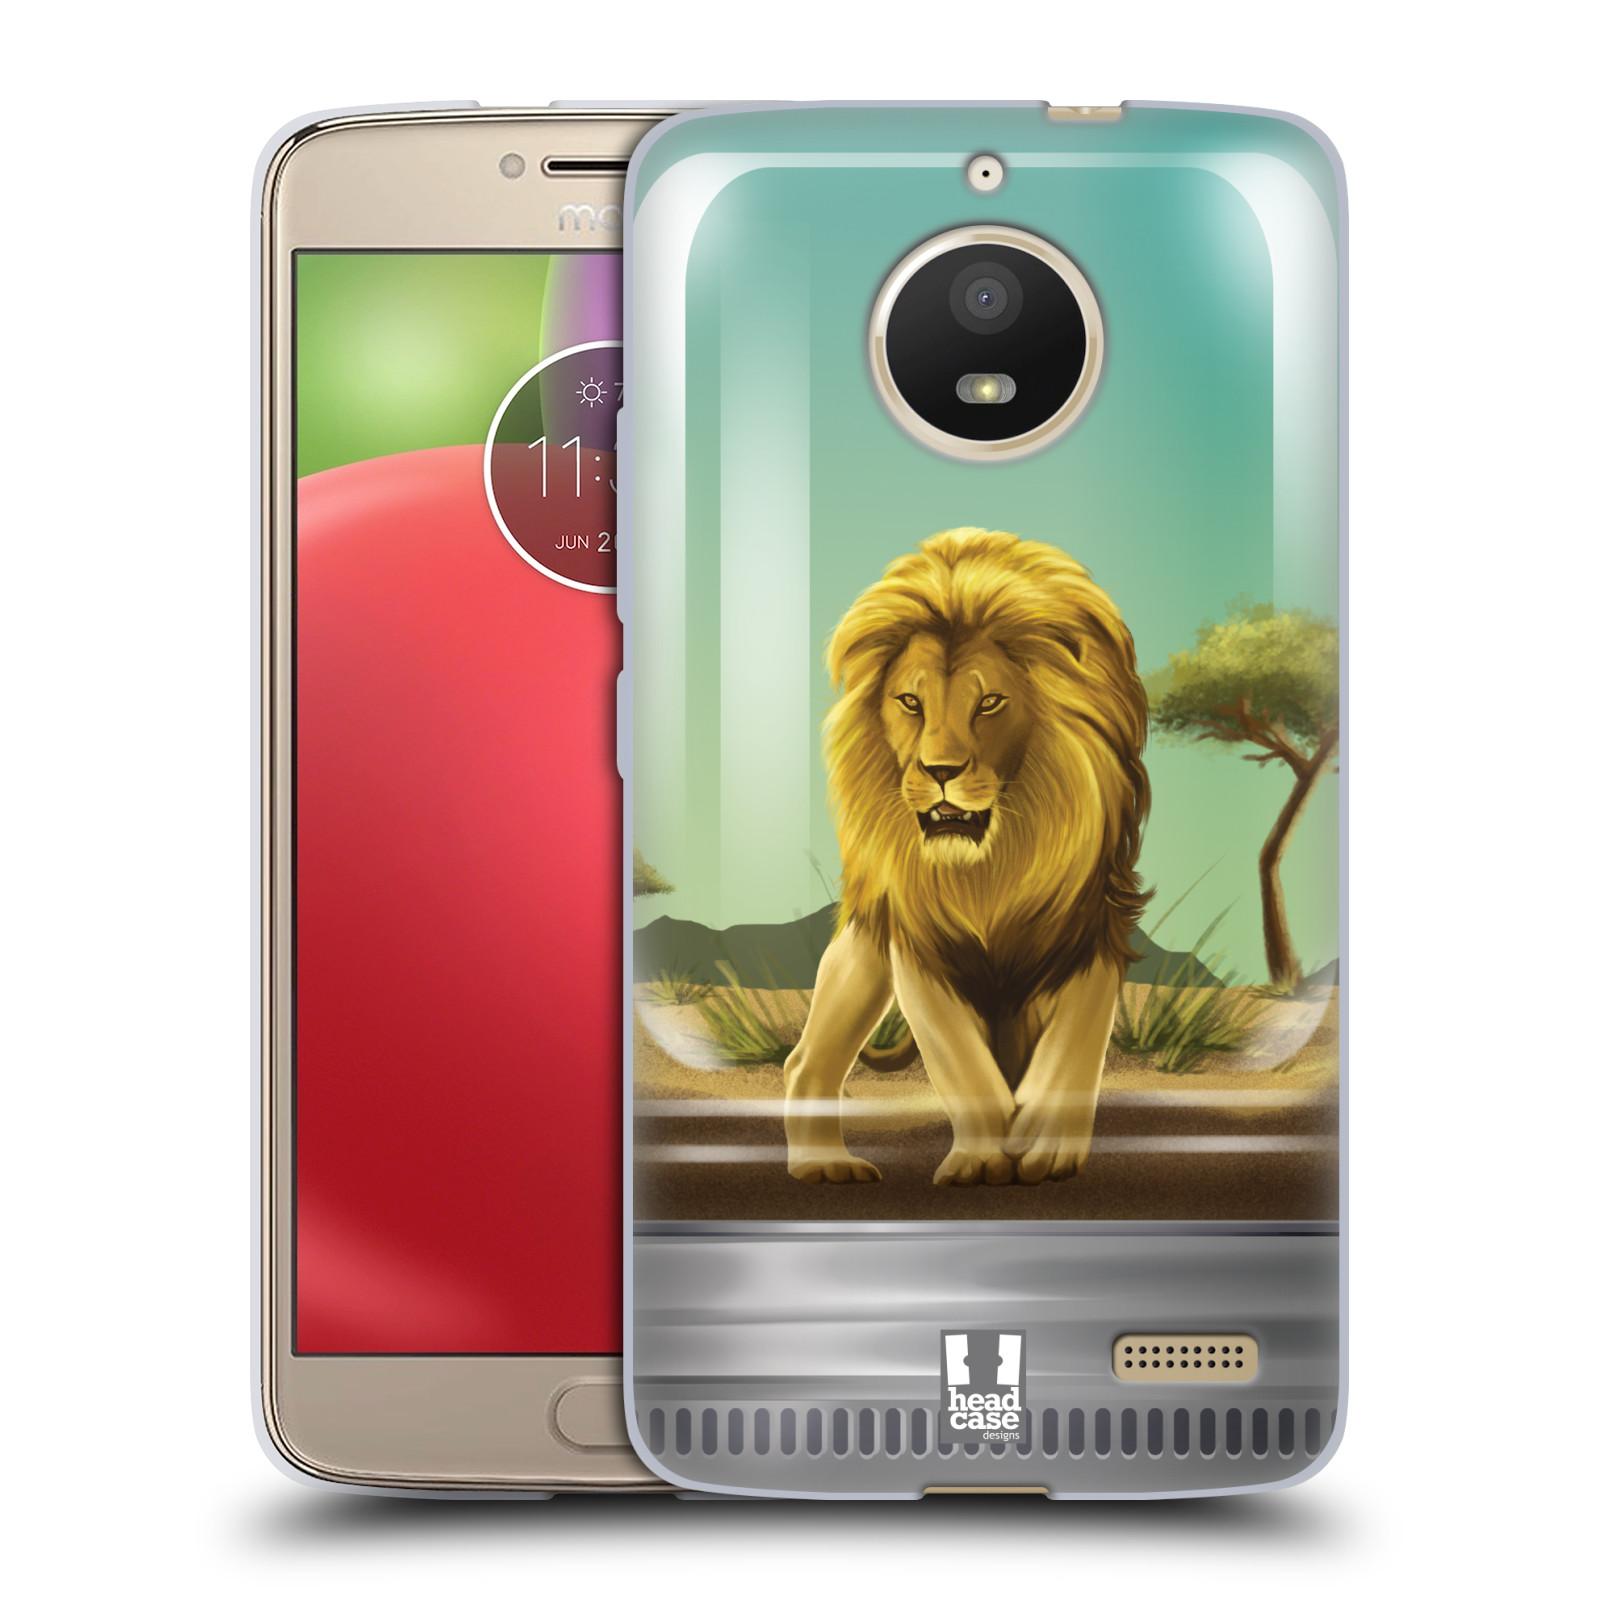 HEAD CASE silikonový obal na mobil Lenovo Moto E4 vzor Zvířátka v těžítku lev